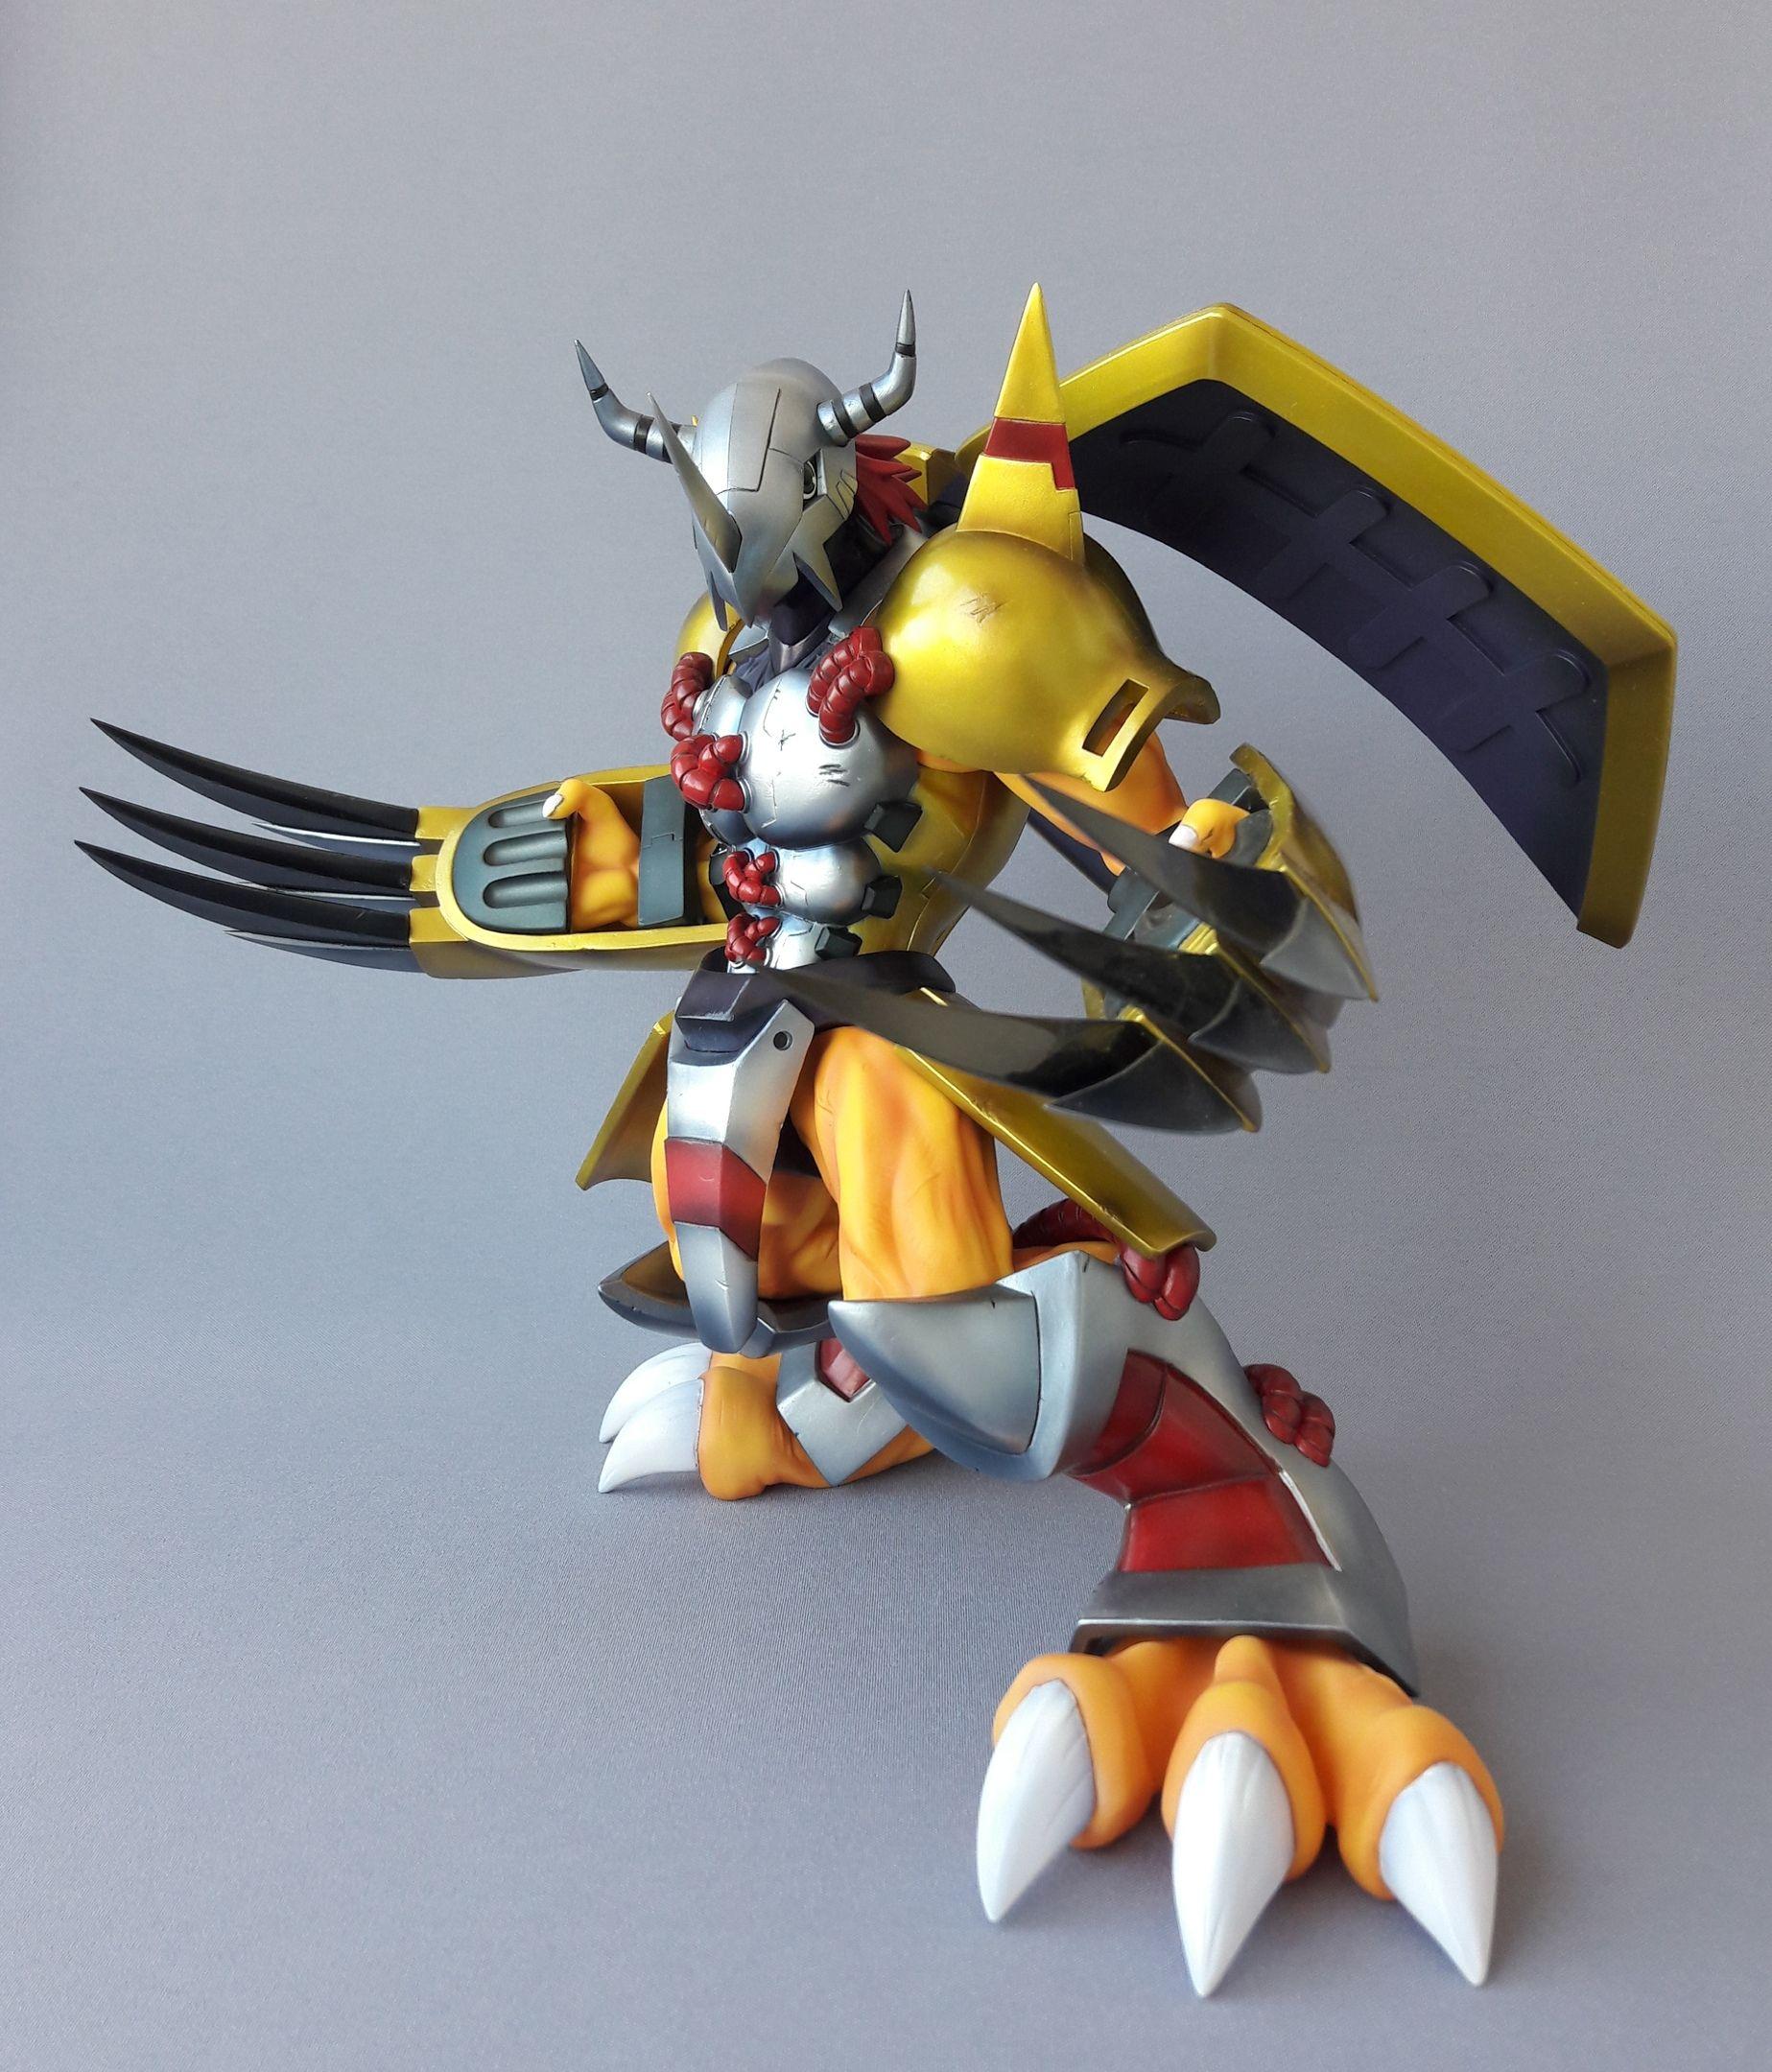 Екатерина Тюрина Digimon, Cool robots, Anime